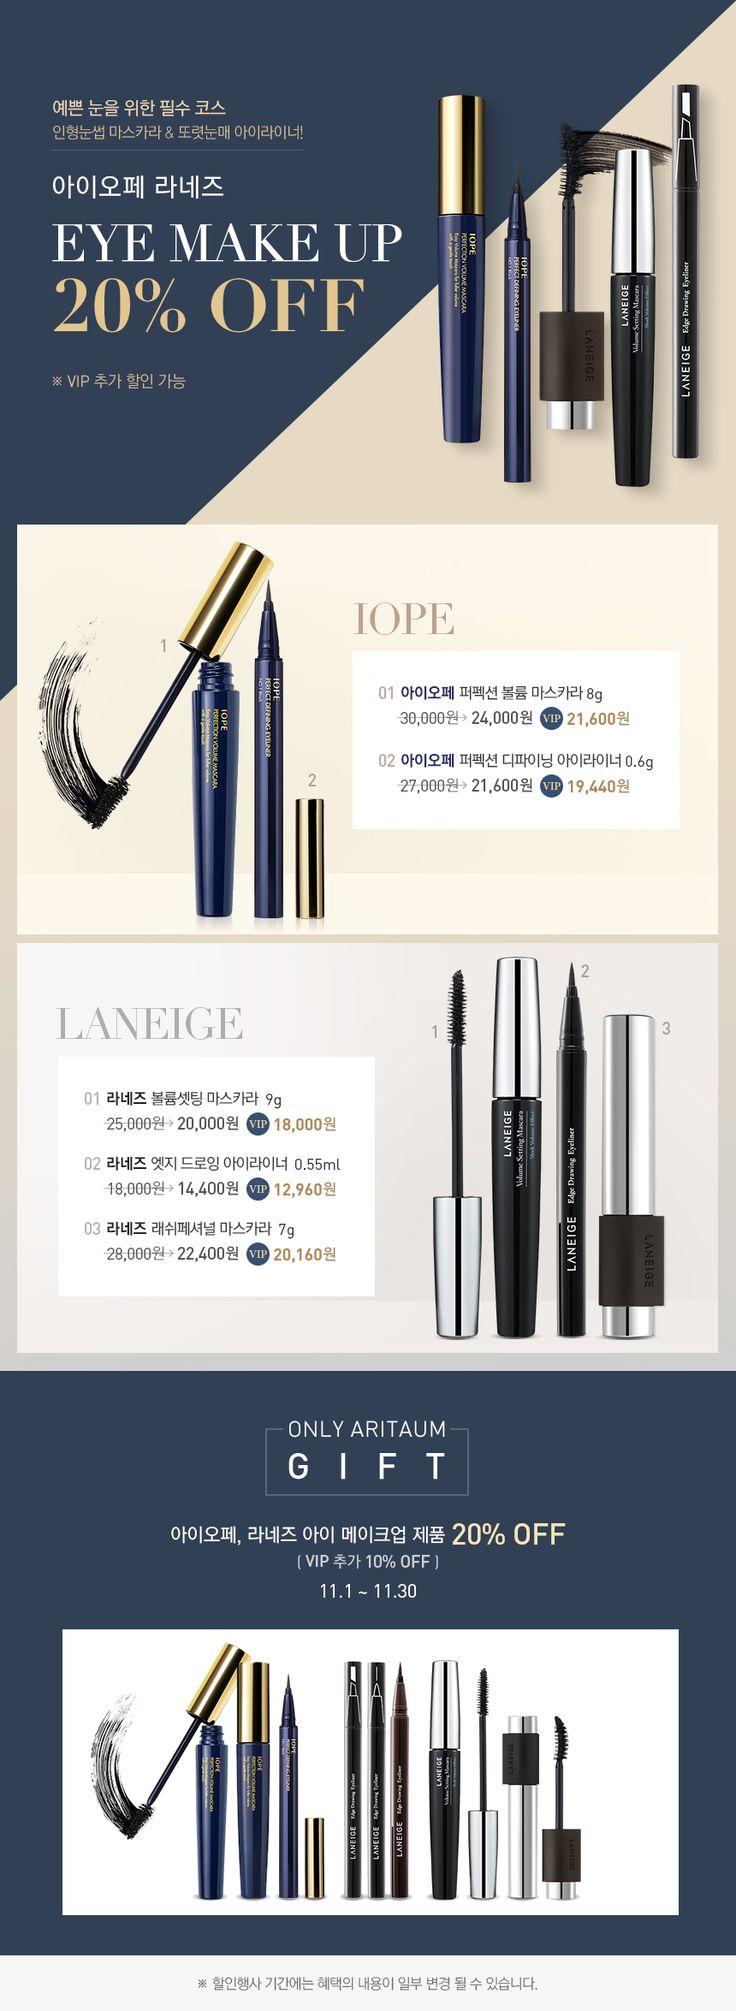 예쁜 눈을 위한 필수 아이템 제안 아이오페&라네즈 EYE Make Up | 아리따움 공식 사이트